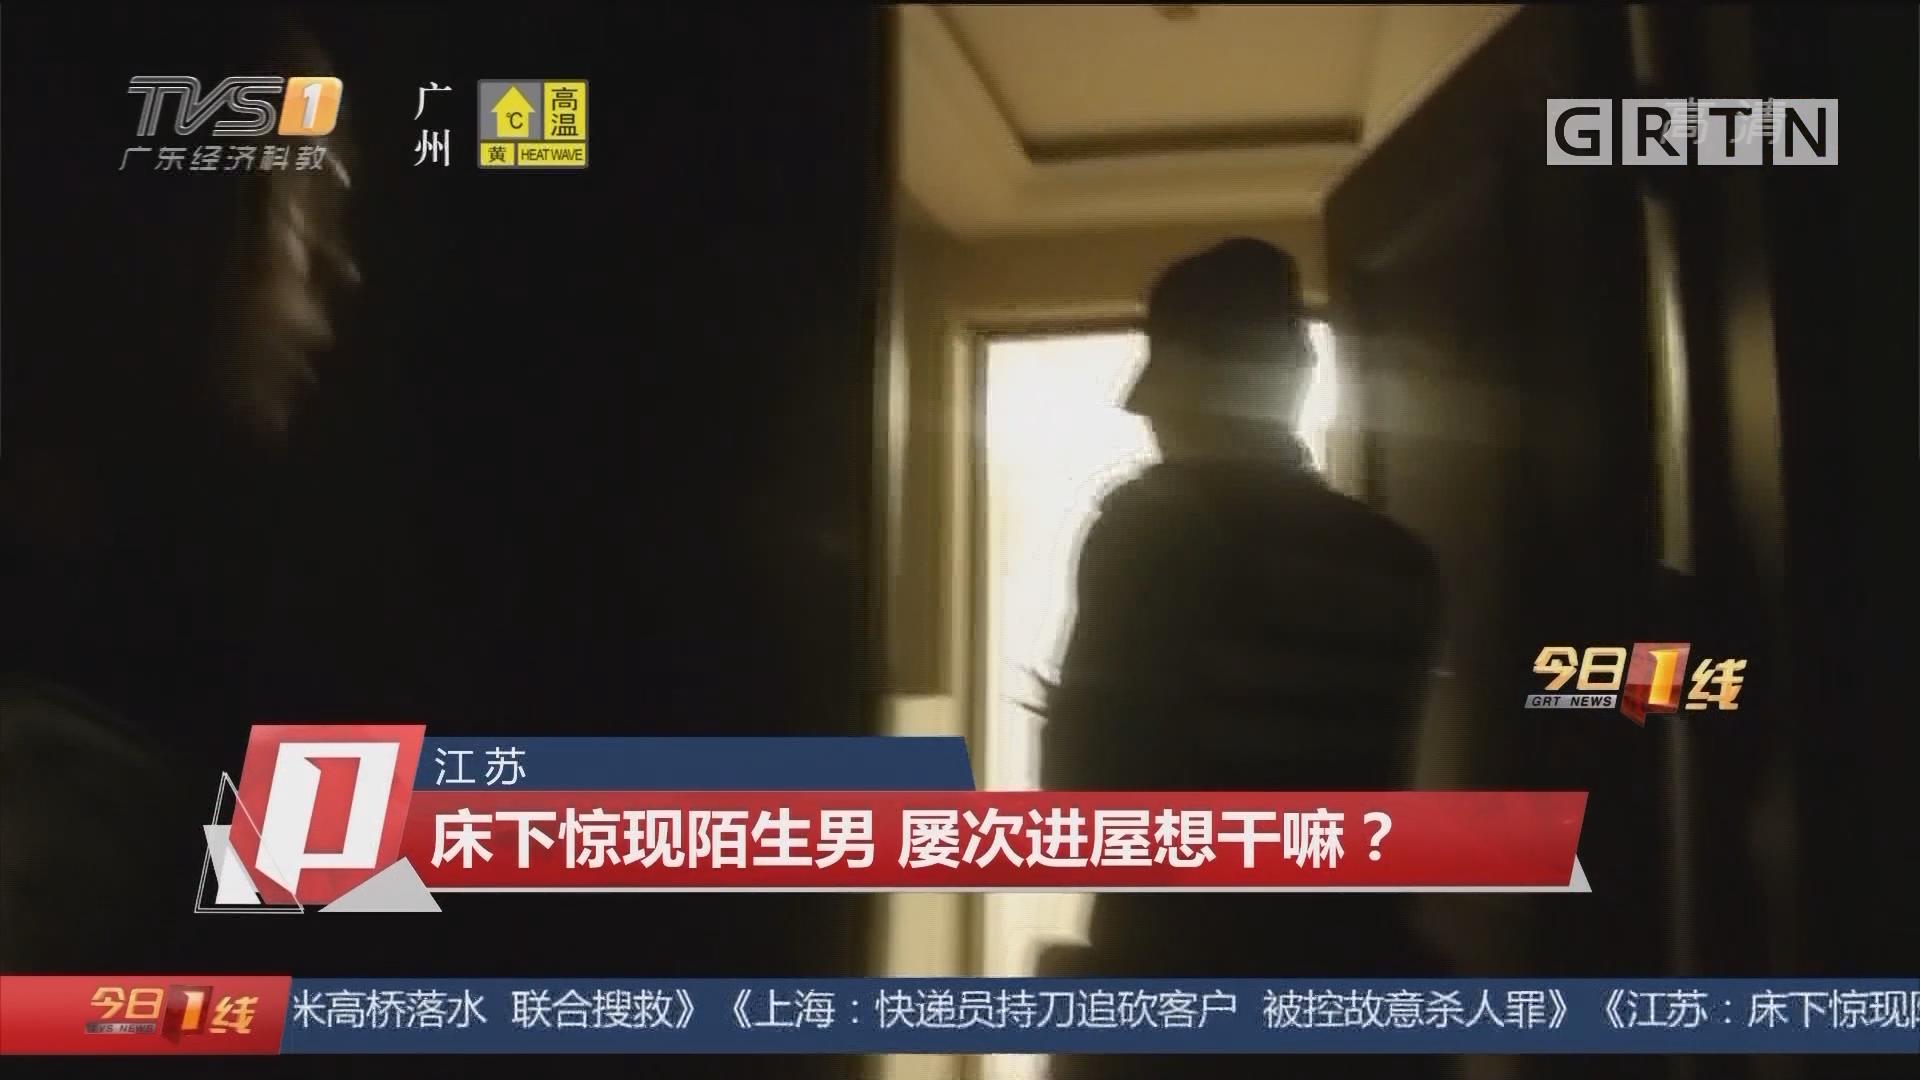 江苏:床下惊现陌生男 屡次进屋想干嘛?